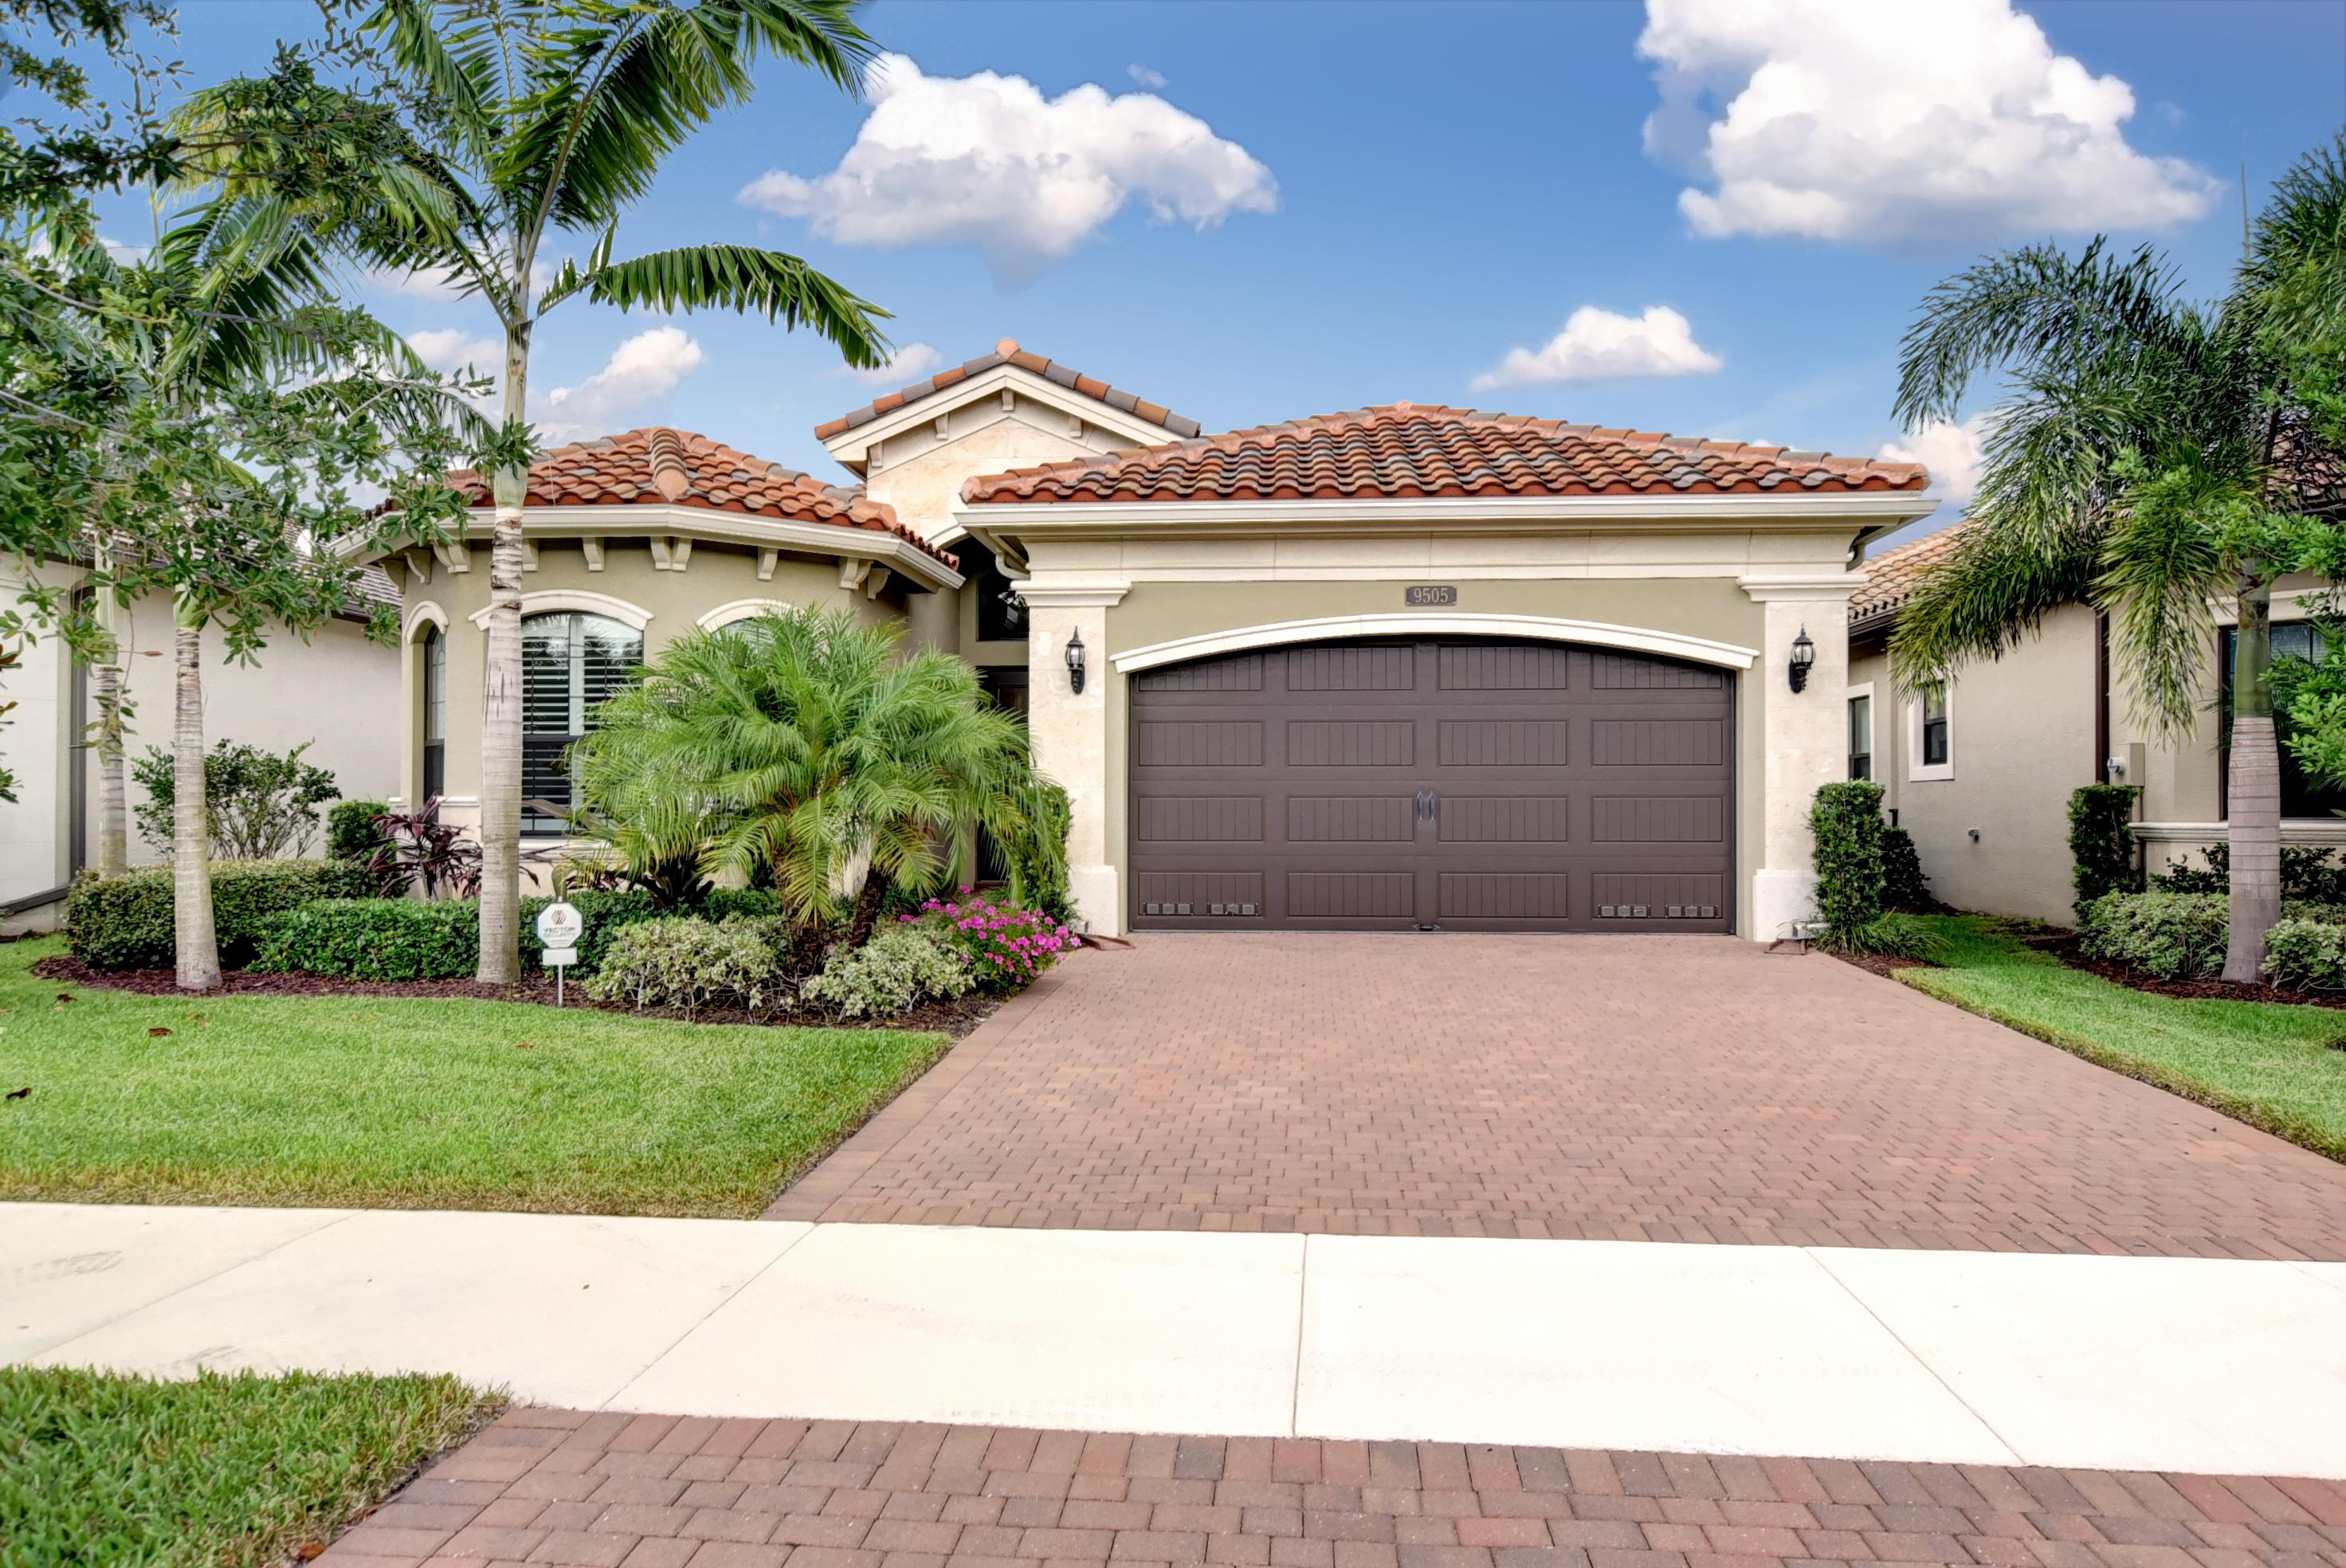 9505 Eden Roc Court  Delray Beach, FL 33446